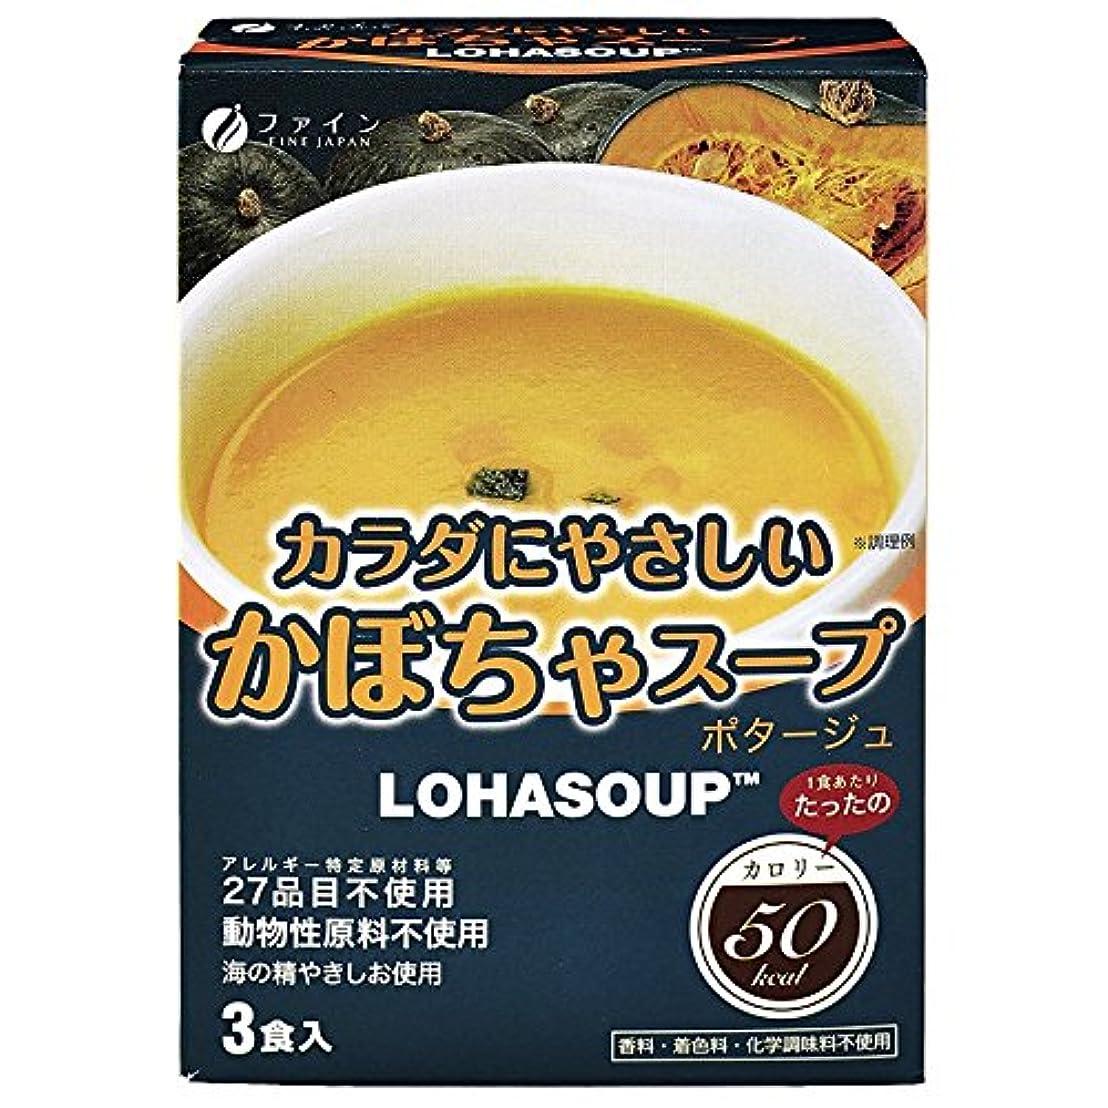 デッドジャーナリストストレンジャーファイン カラダにやさしいかぼちゃスープ 14g×3包